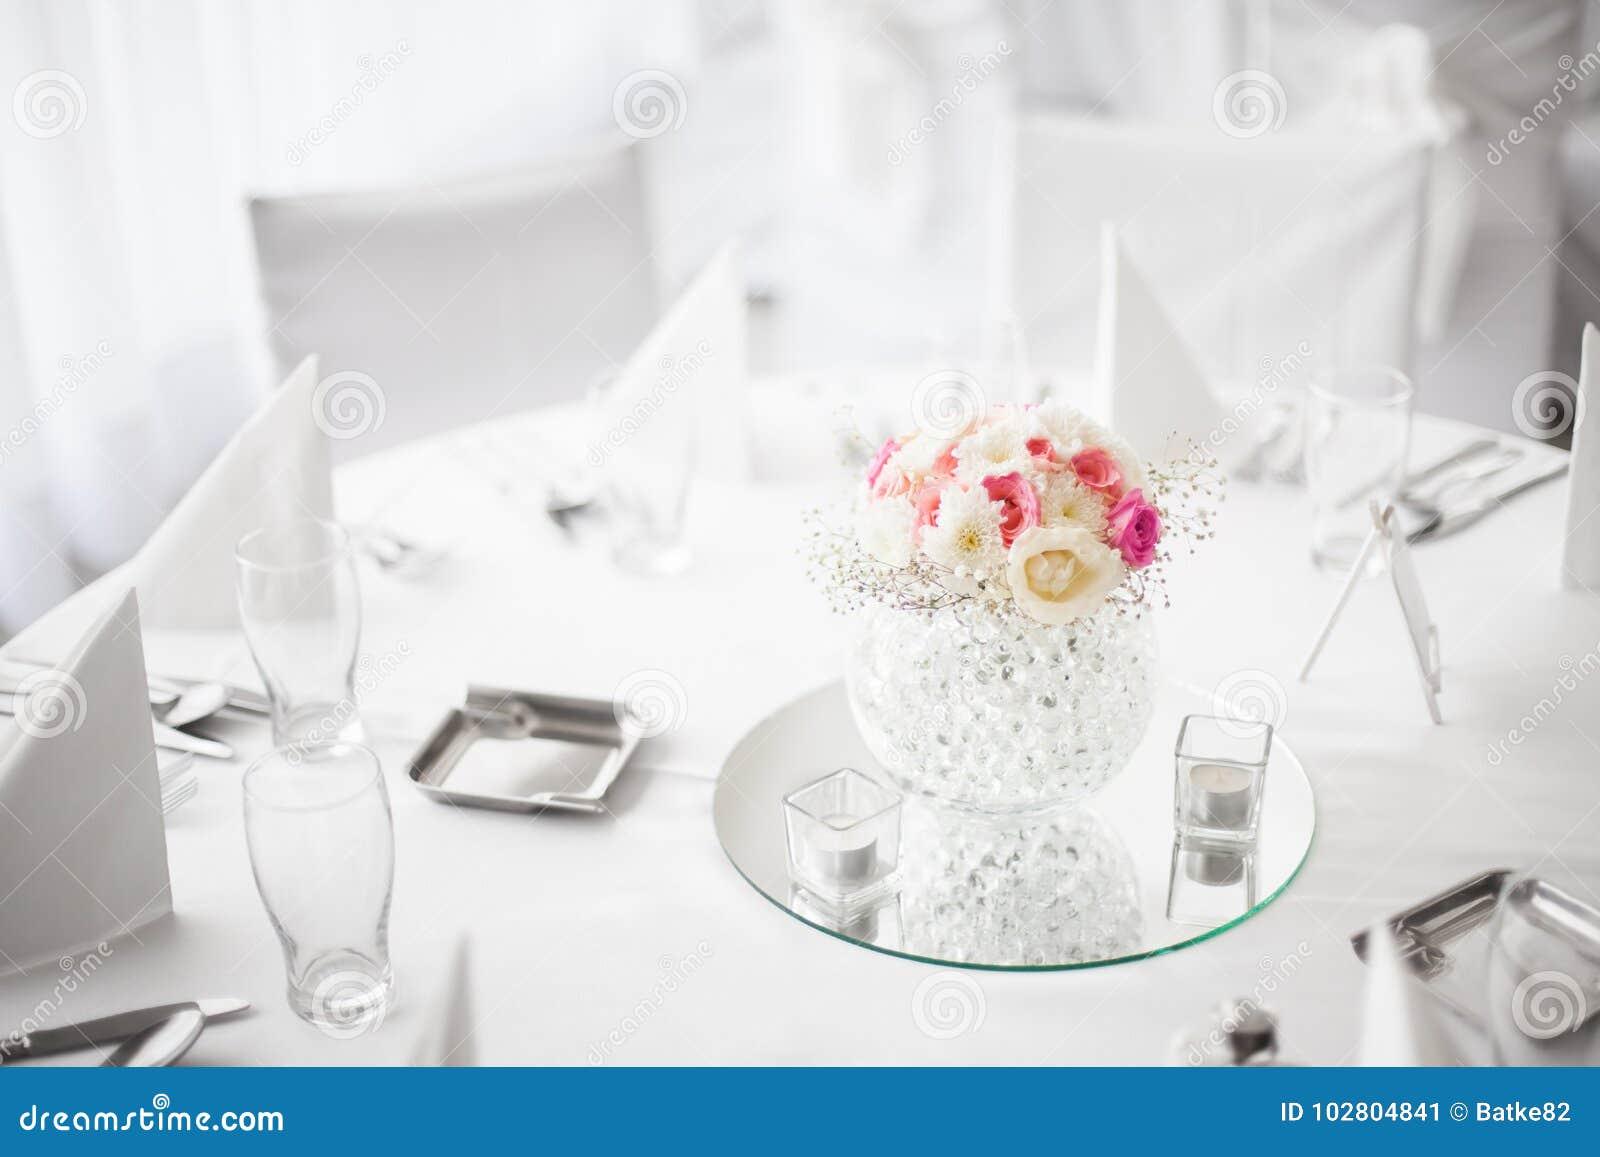 Superbe Belle Décoration De Fleur De Pièce Maîtresse Sur La Table De Salle à Manger